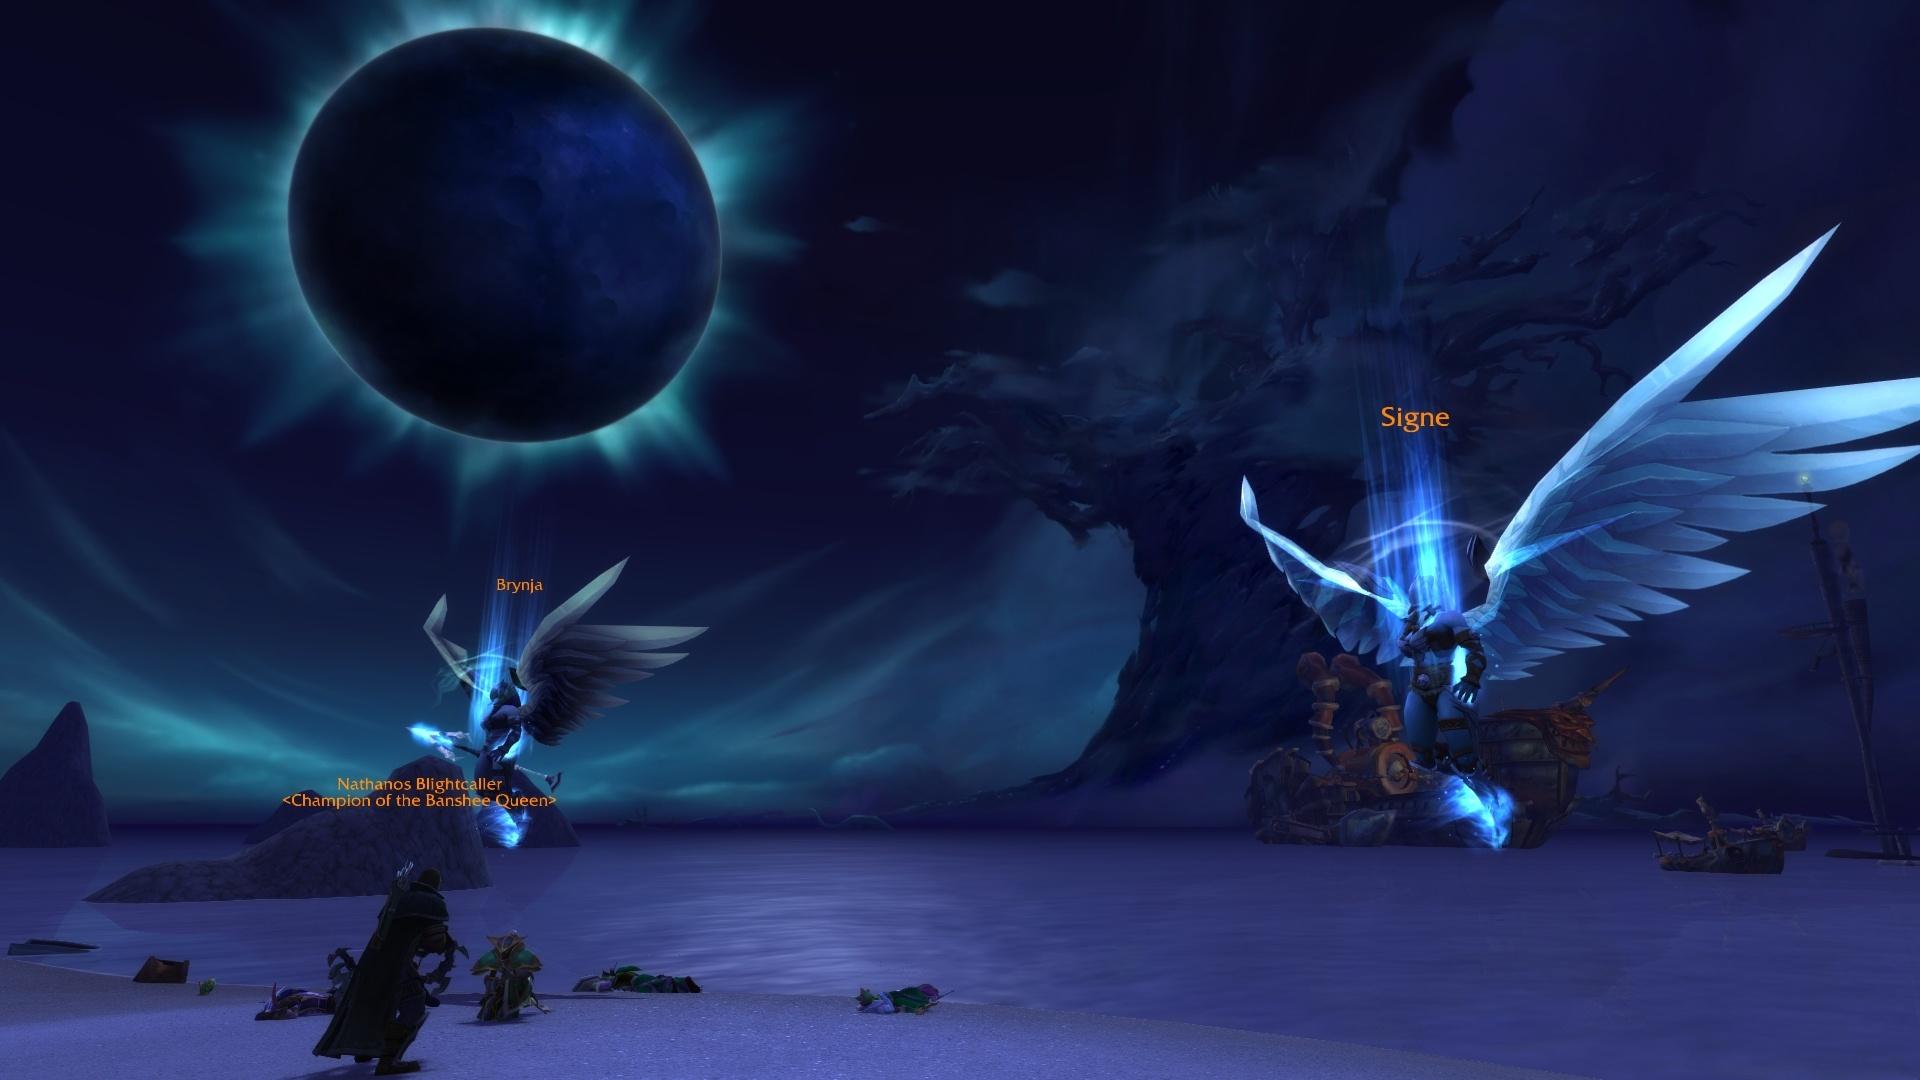 WoW Nathanos Valkyr Night Warrior Quest Darkshore